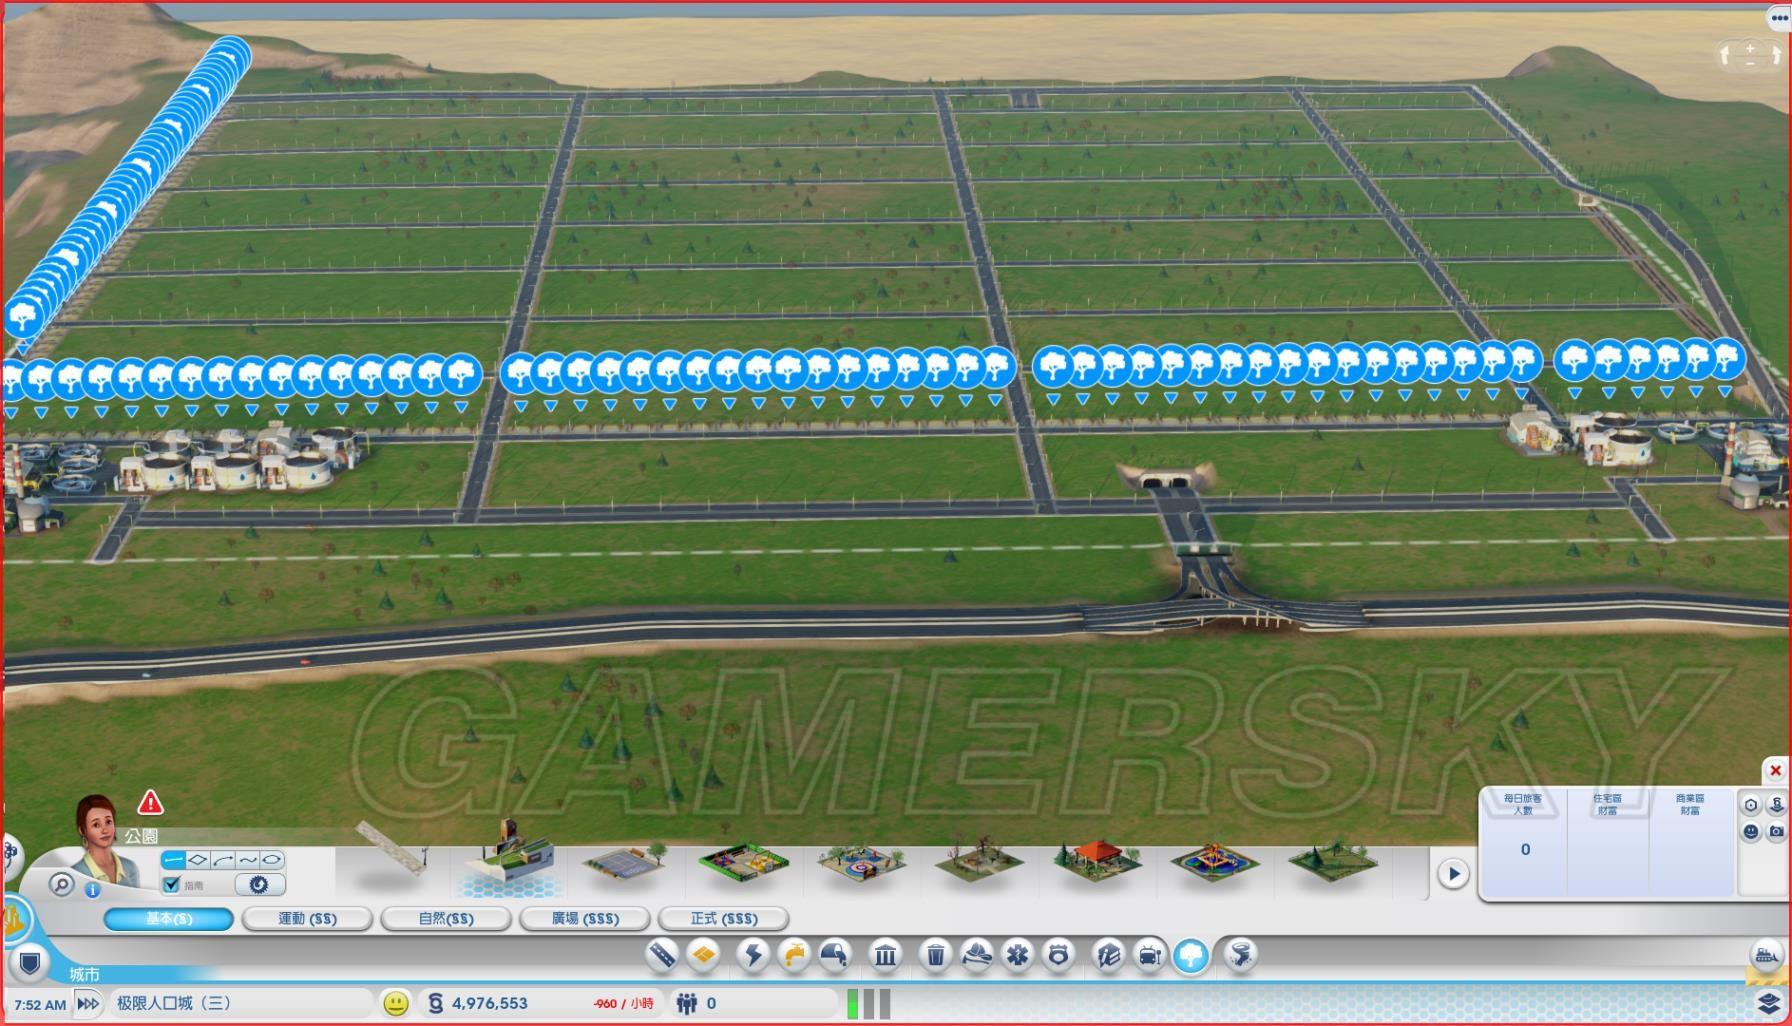 04,再修纵向街道,路间距17个柏油路公园,城市中间可修3条纵向街道